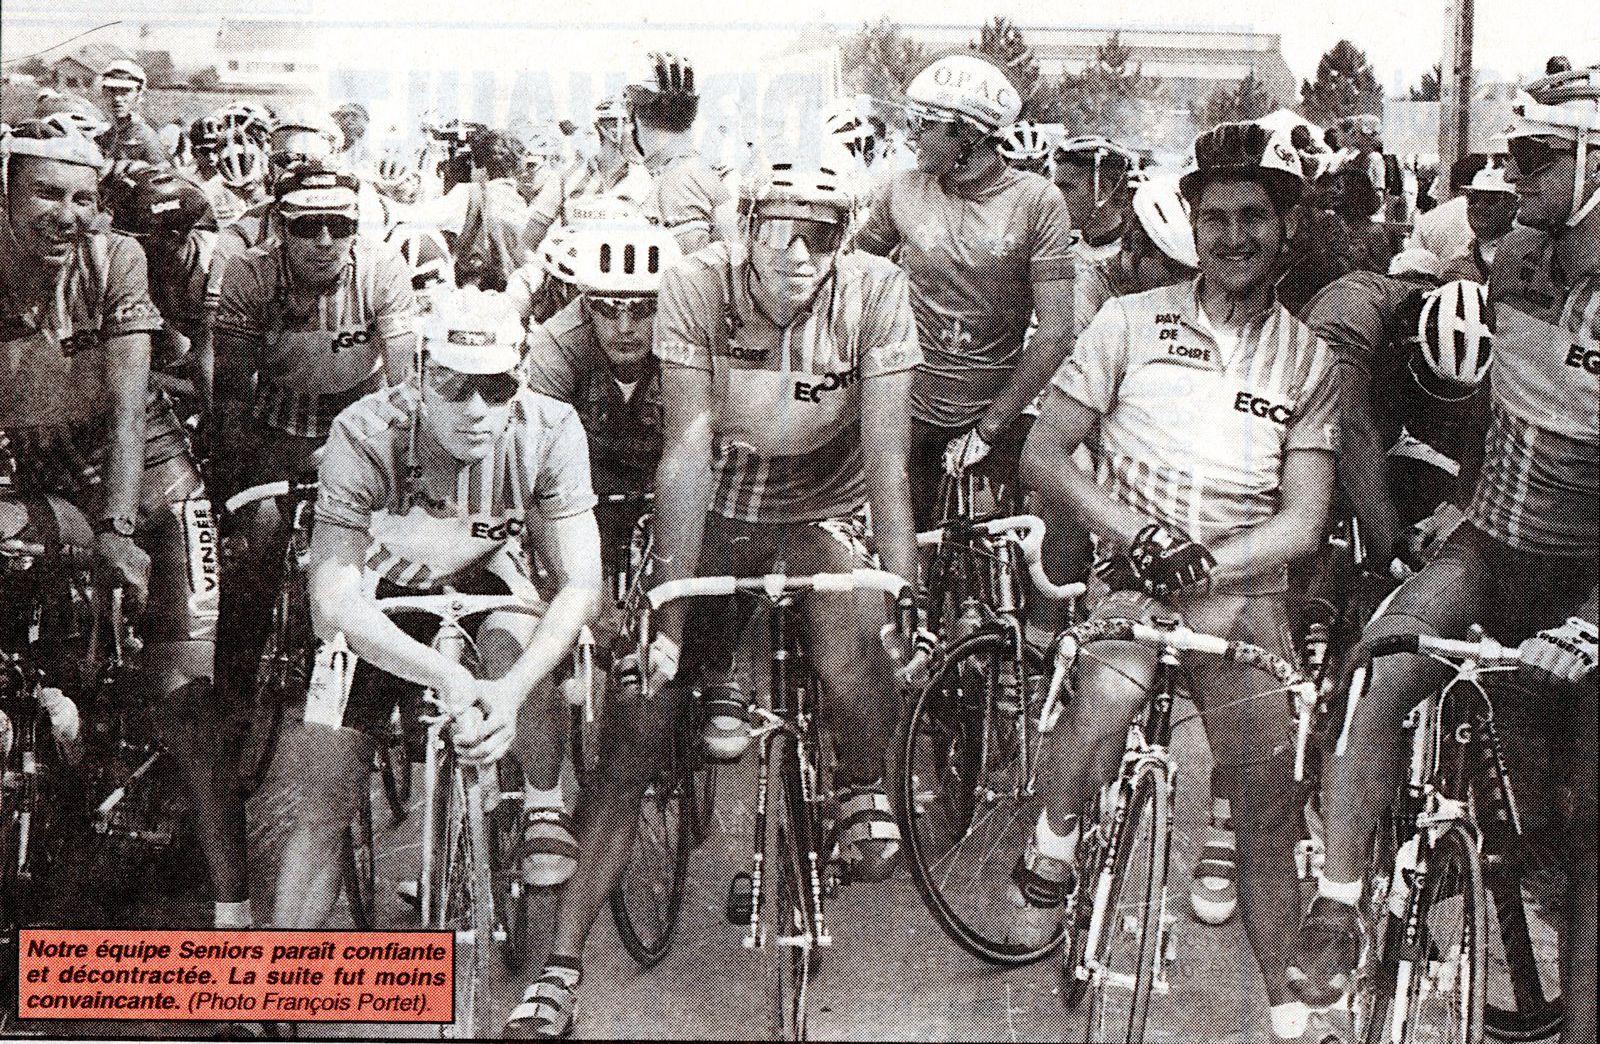 Championnat de France 1992, sélection Pays de Loire : Blaise Chauvière (VRC), Thierry Bricaud (VRC), Pascal Déramé (VRC), Christian Guiberteau (VRC), Jean-Christophe Drouet (ECF Changé), Marc Savary (US St Herblain), Fabrice Rouinsard (UC Nantes) et Philippe Jamin (Cholet Cyclisme).